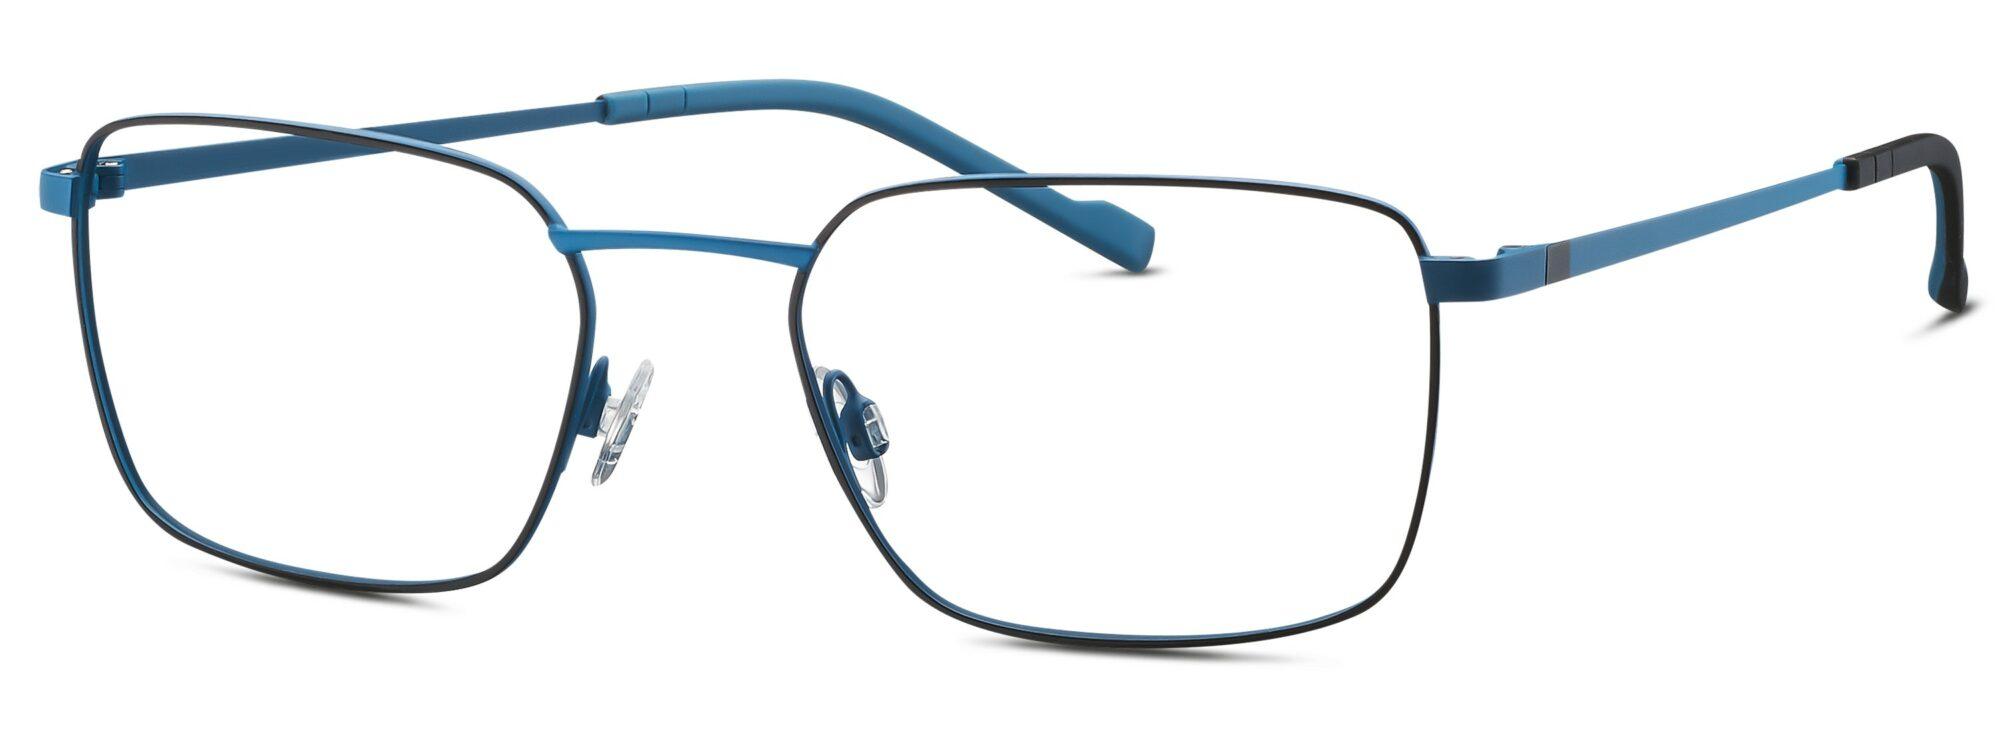 TITANFLEX - 850097-70